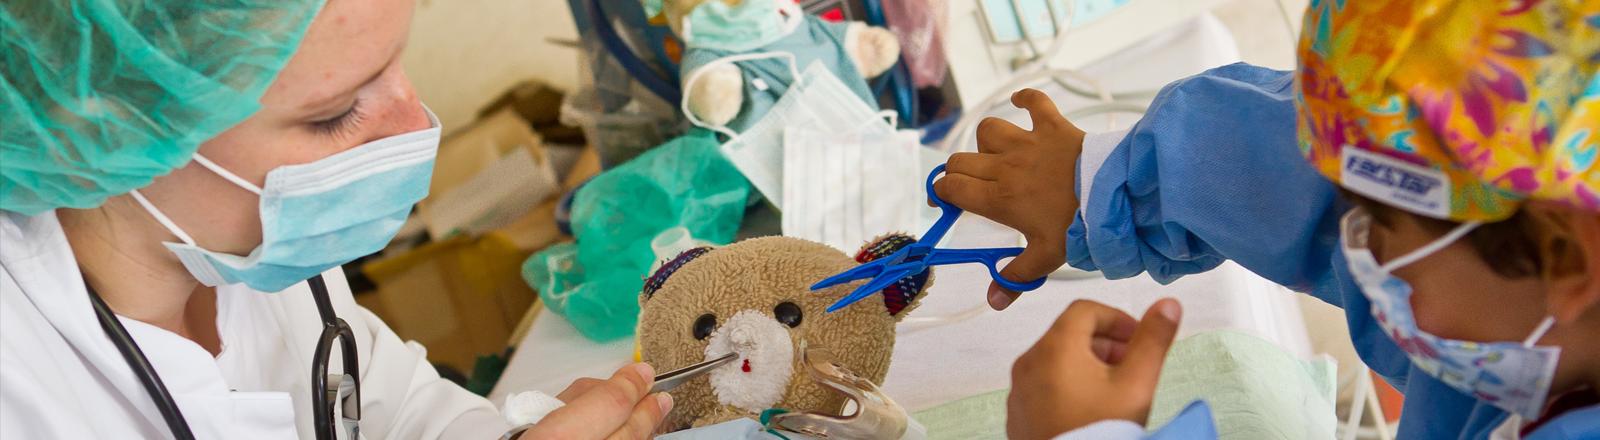 """Eine junge Frau und ein Kind, beide in OP-Kitteln mit Hauben """"operieren"""" einen Teddybär"""